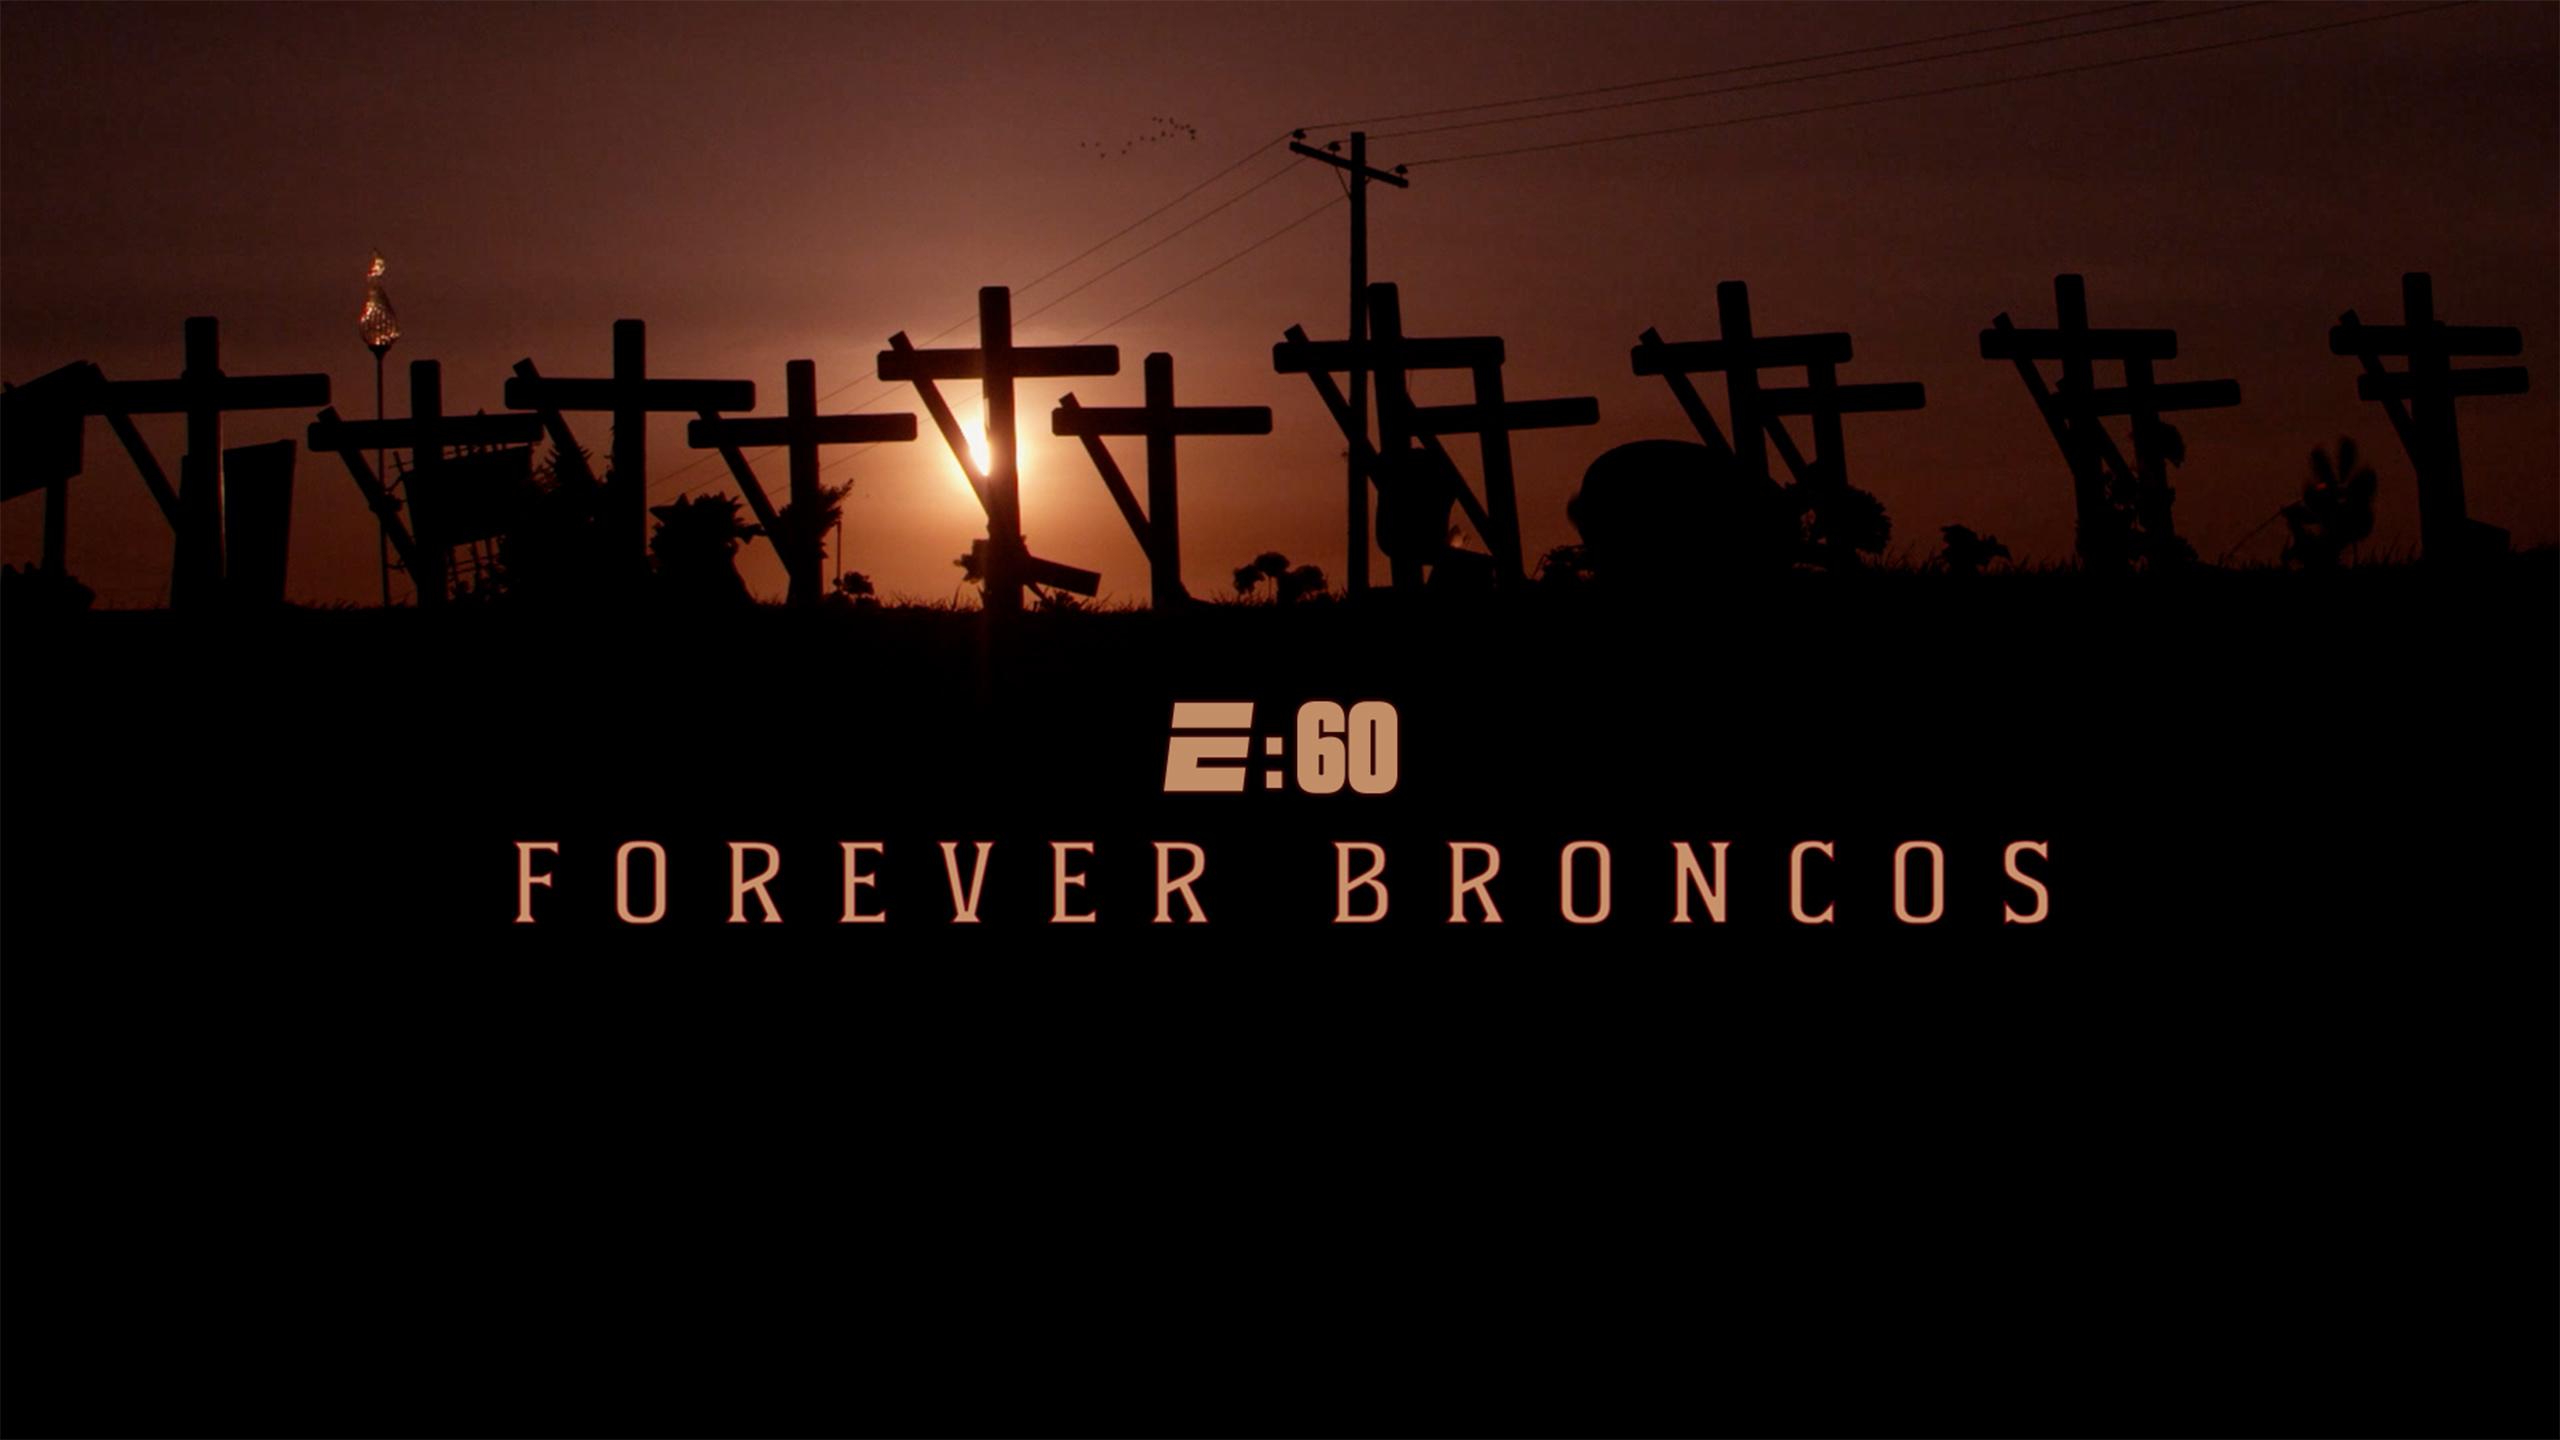 E:60 - Forever Broncos